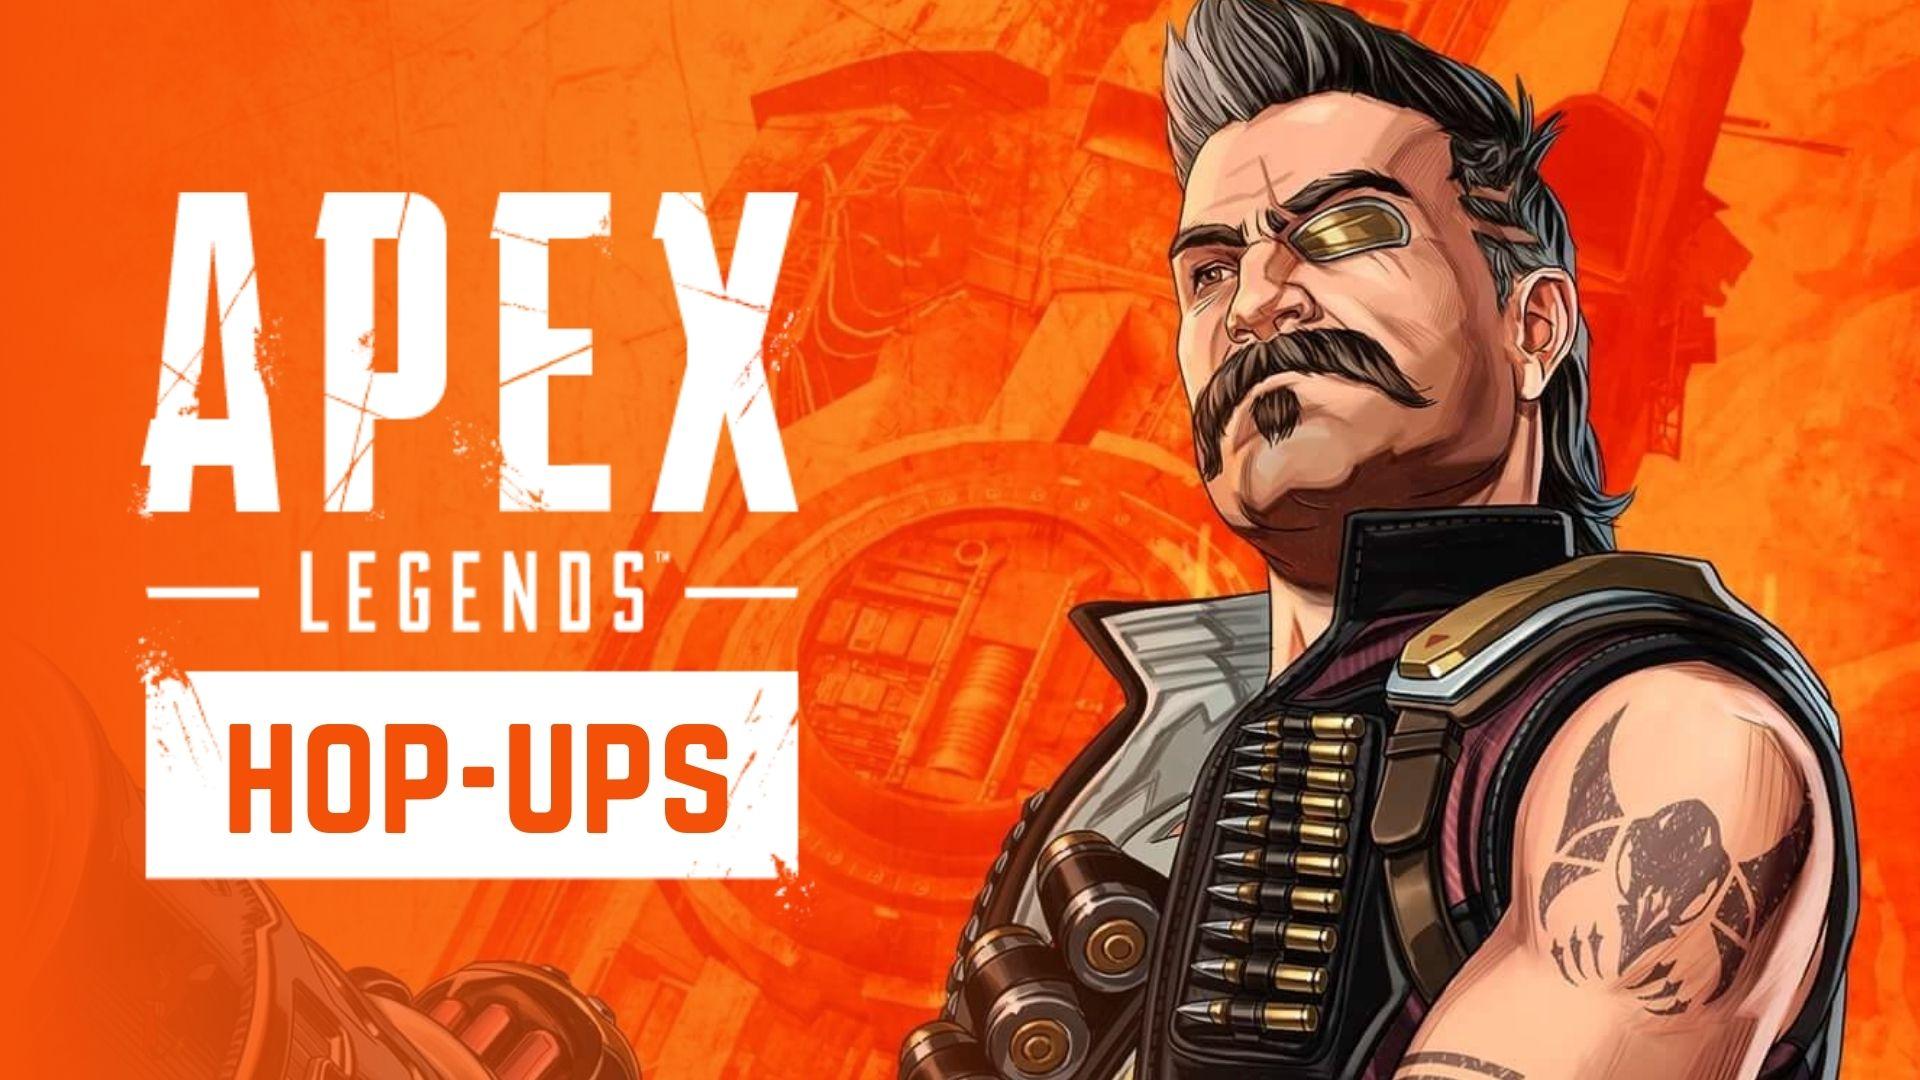 Apex Legends Season 8 hop ups